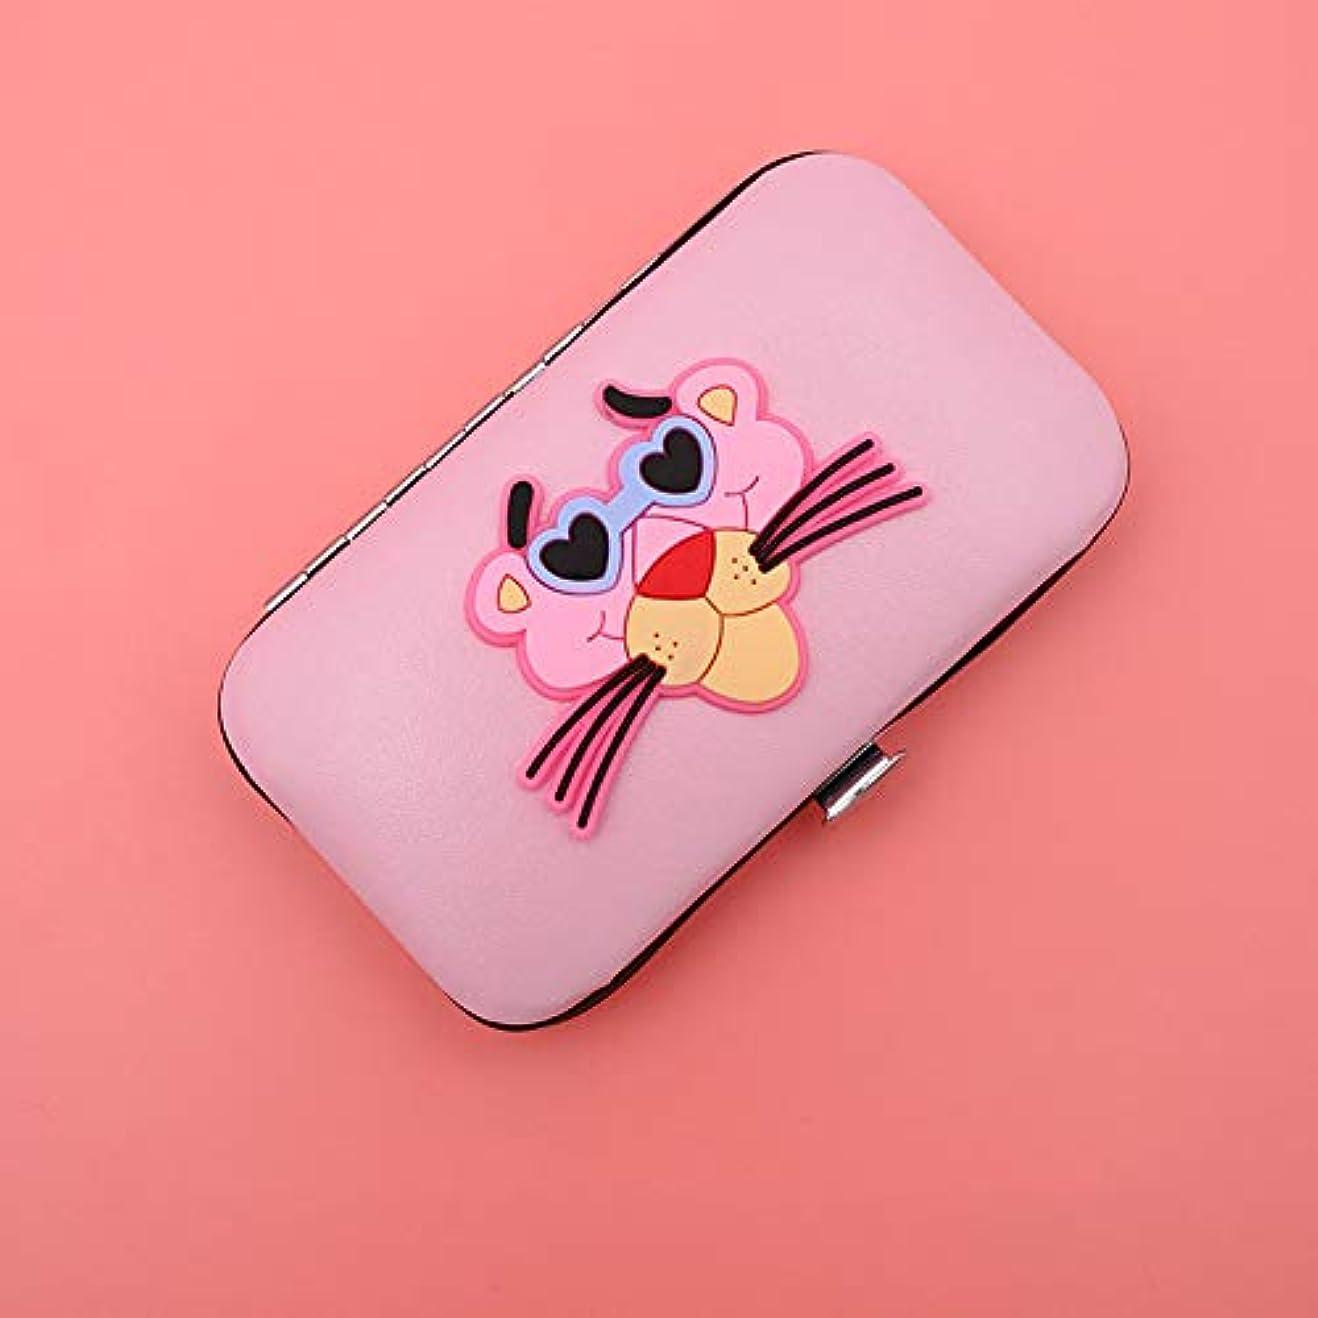 動かすセンブランス飲食店ネイルクリッパー7点セット、美容ツールセット、女の子漫画ピンクの箱入りのためのマニキュアキット(anthomaniacヒョウ)のネイル